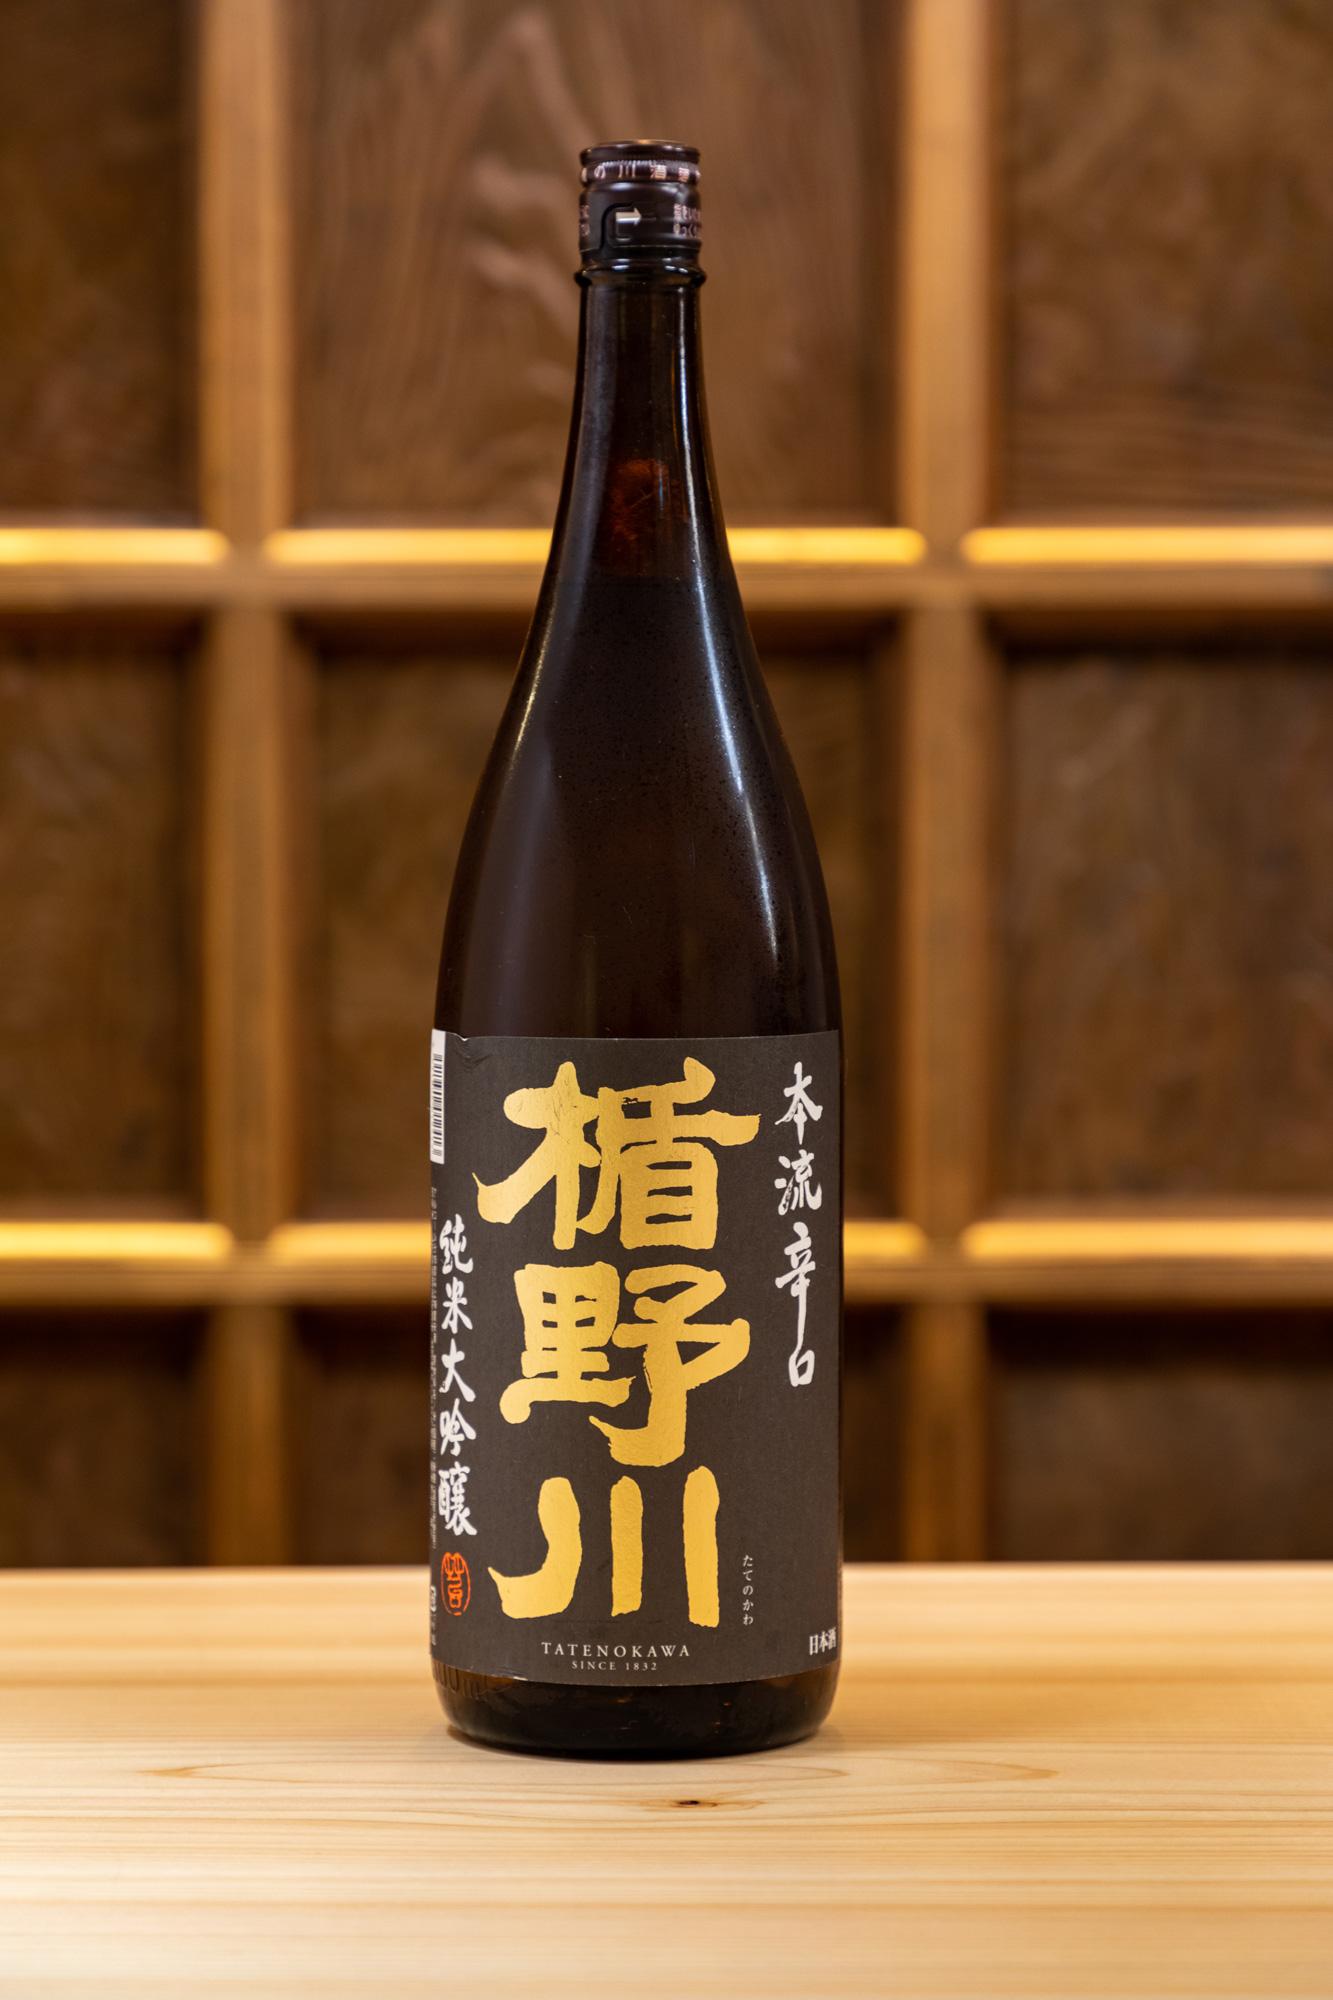 tatenokawahonryu